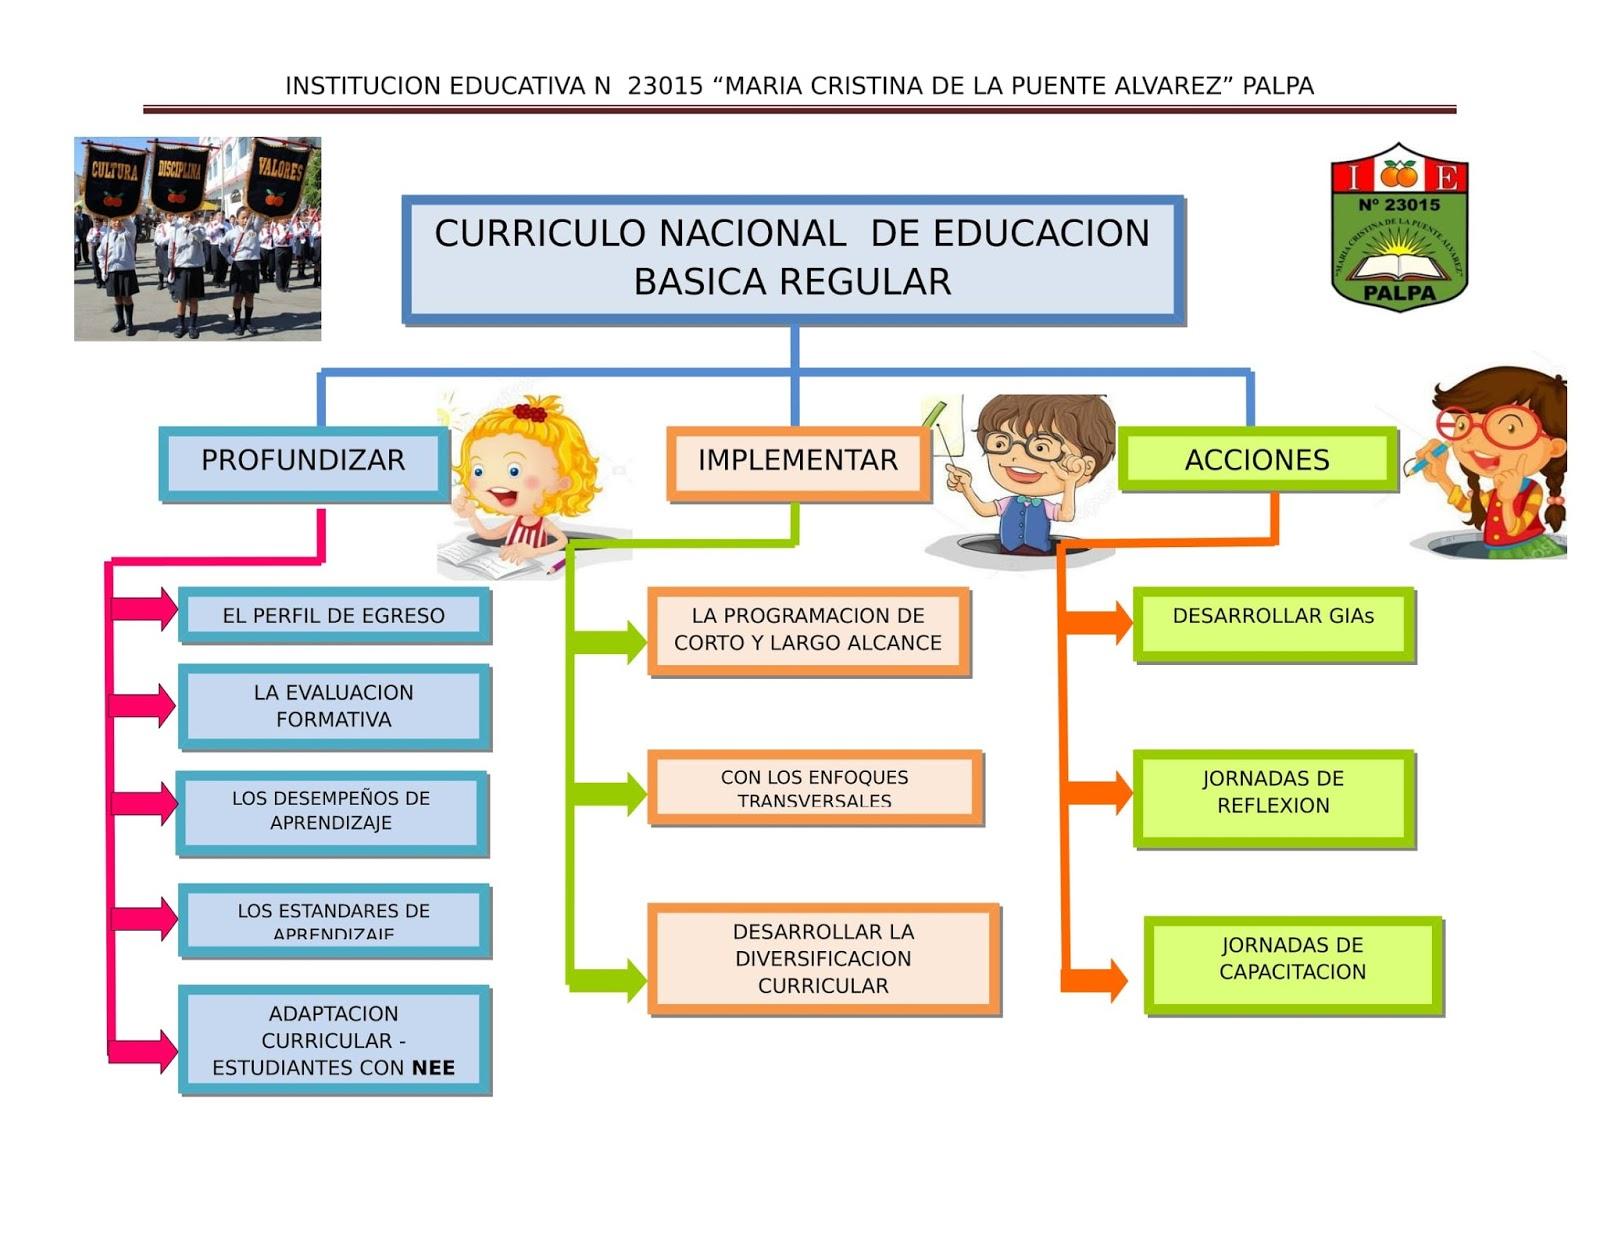 Maria cristina con el curriculo nacional basico for Curriculo basico nacional